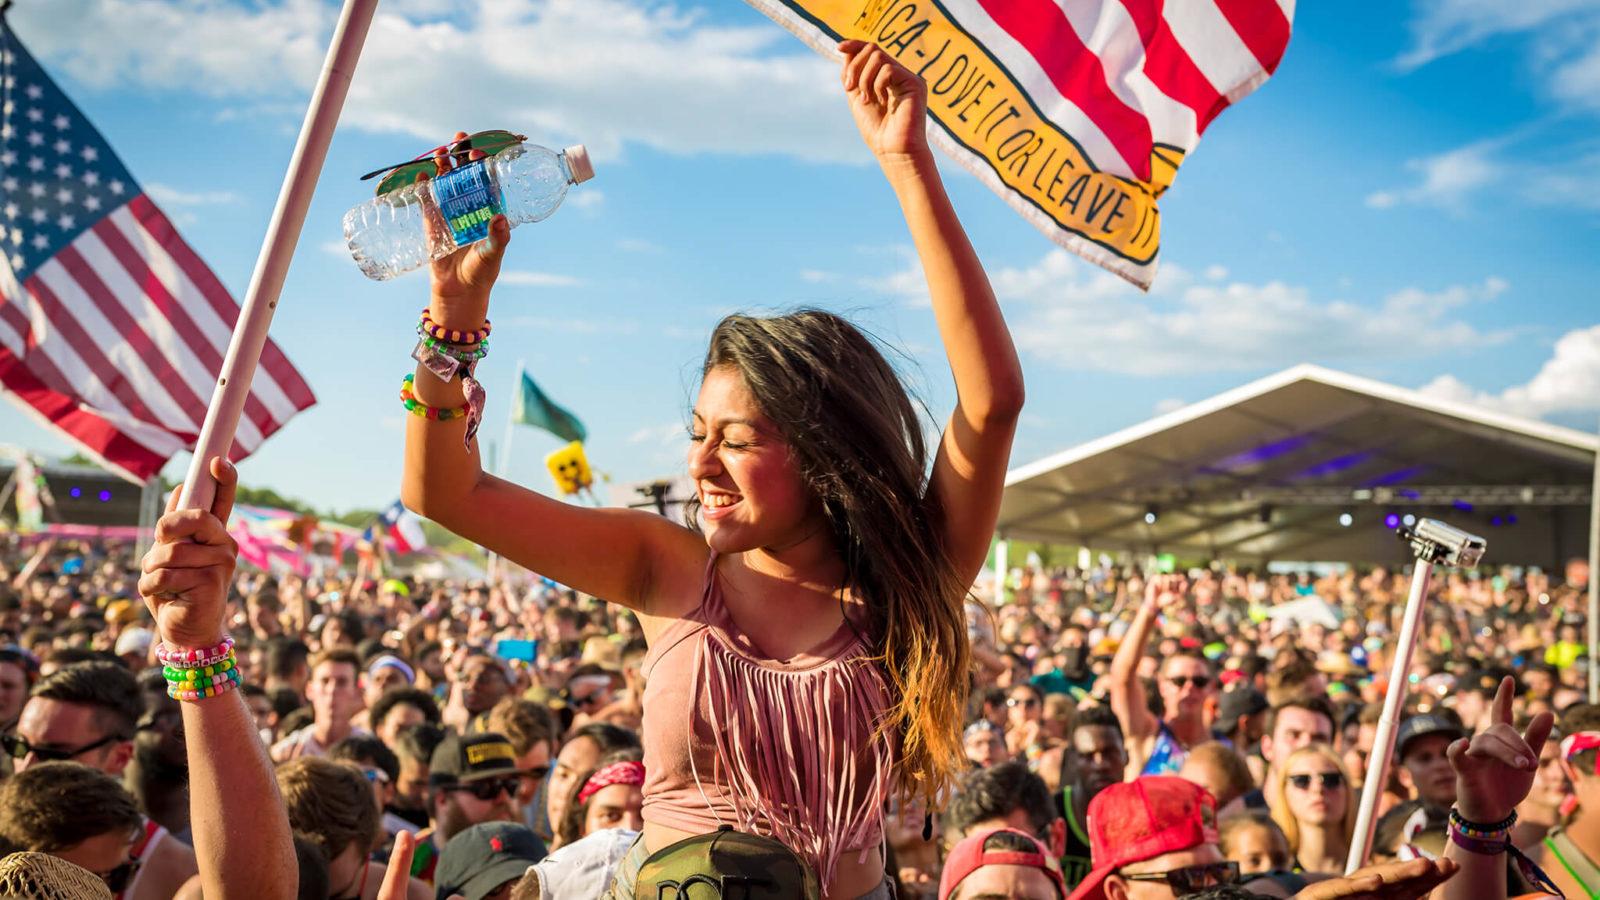 Fan at Sunset Music Festival 2016